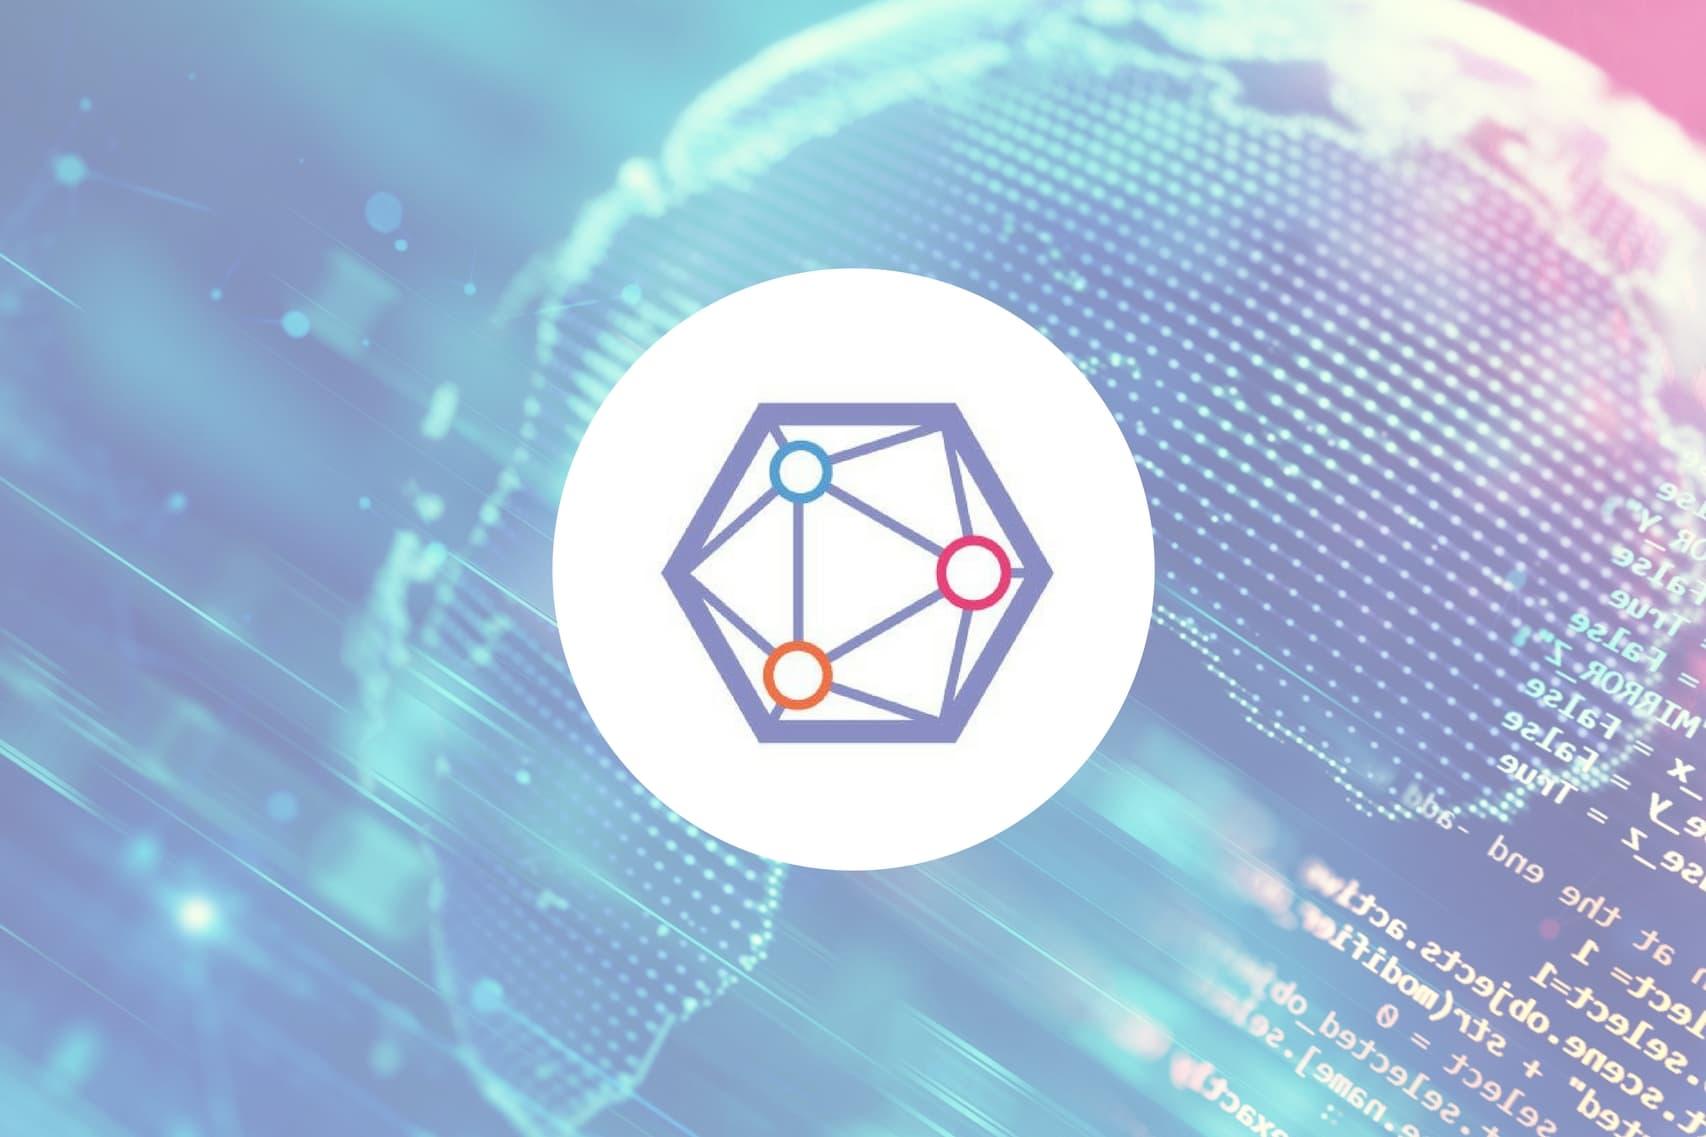 xyo_network